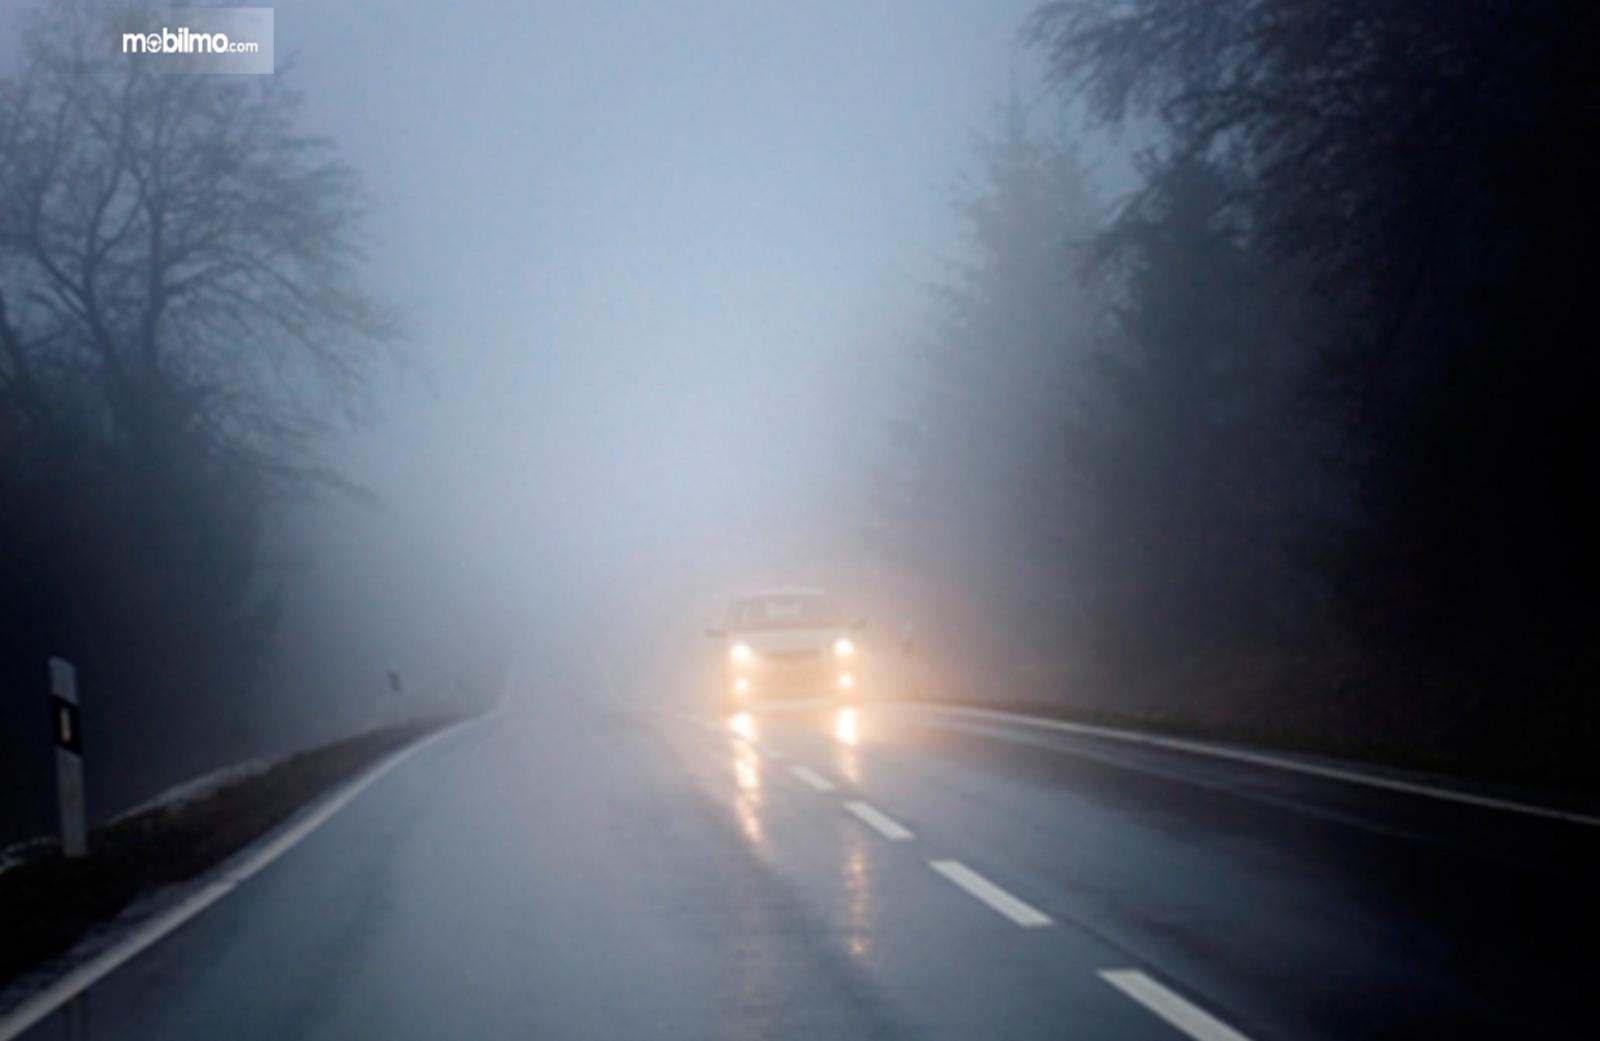 Foto sebuah mobil melintas sendirian di jalanan berkabut